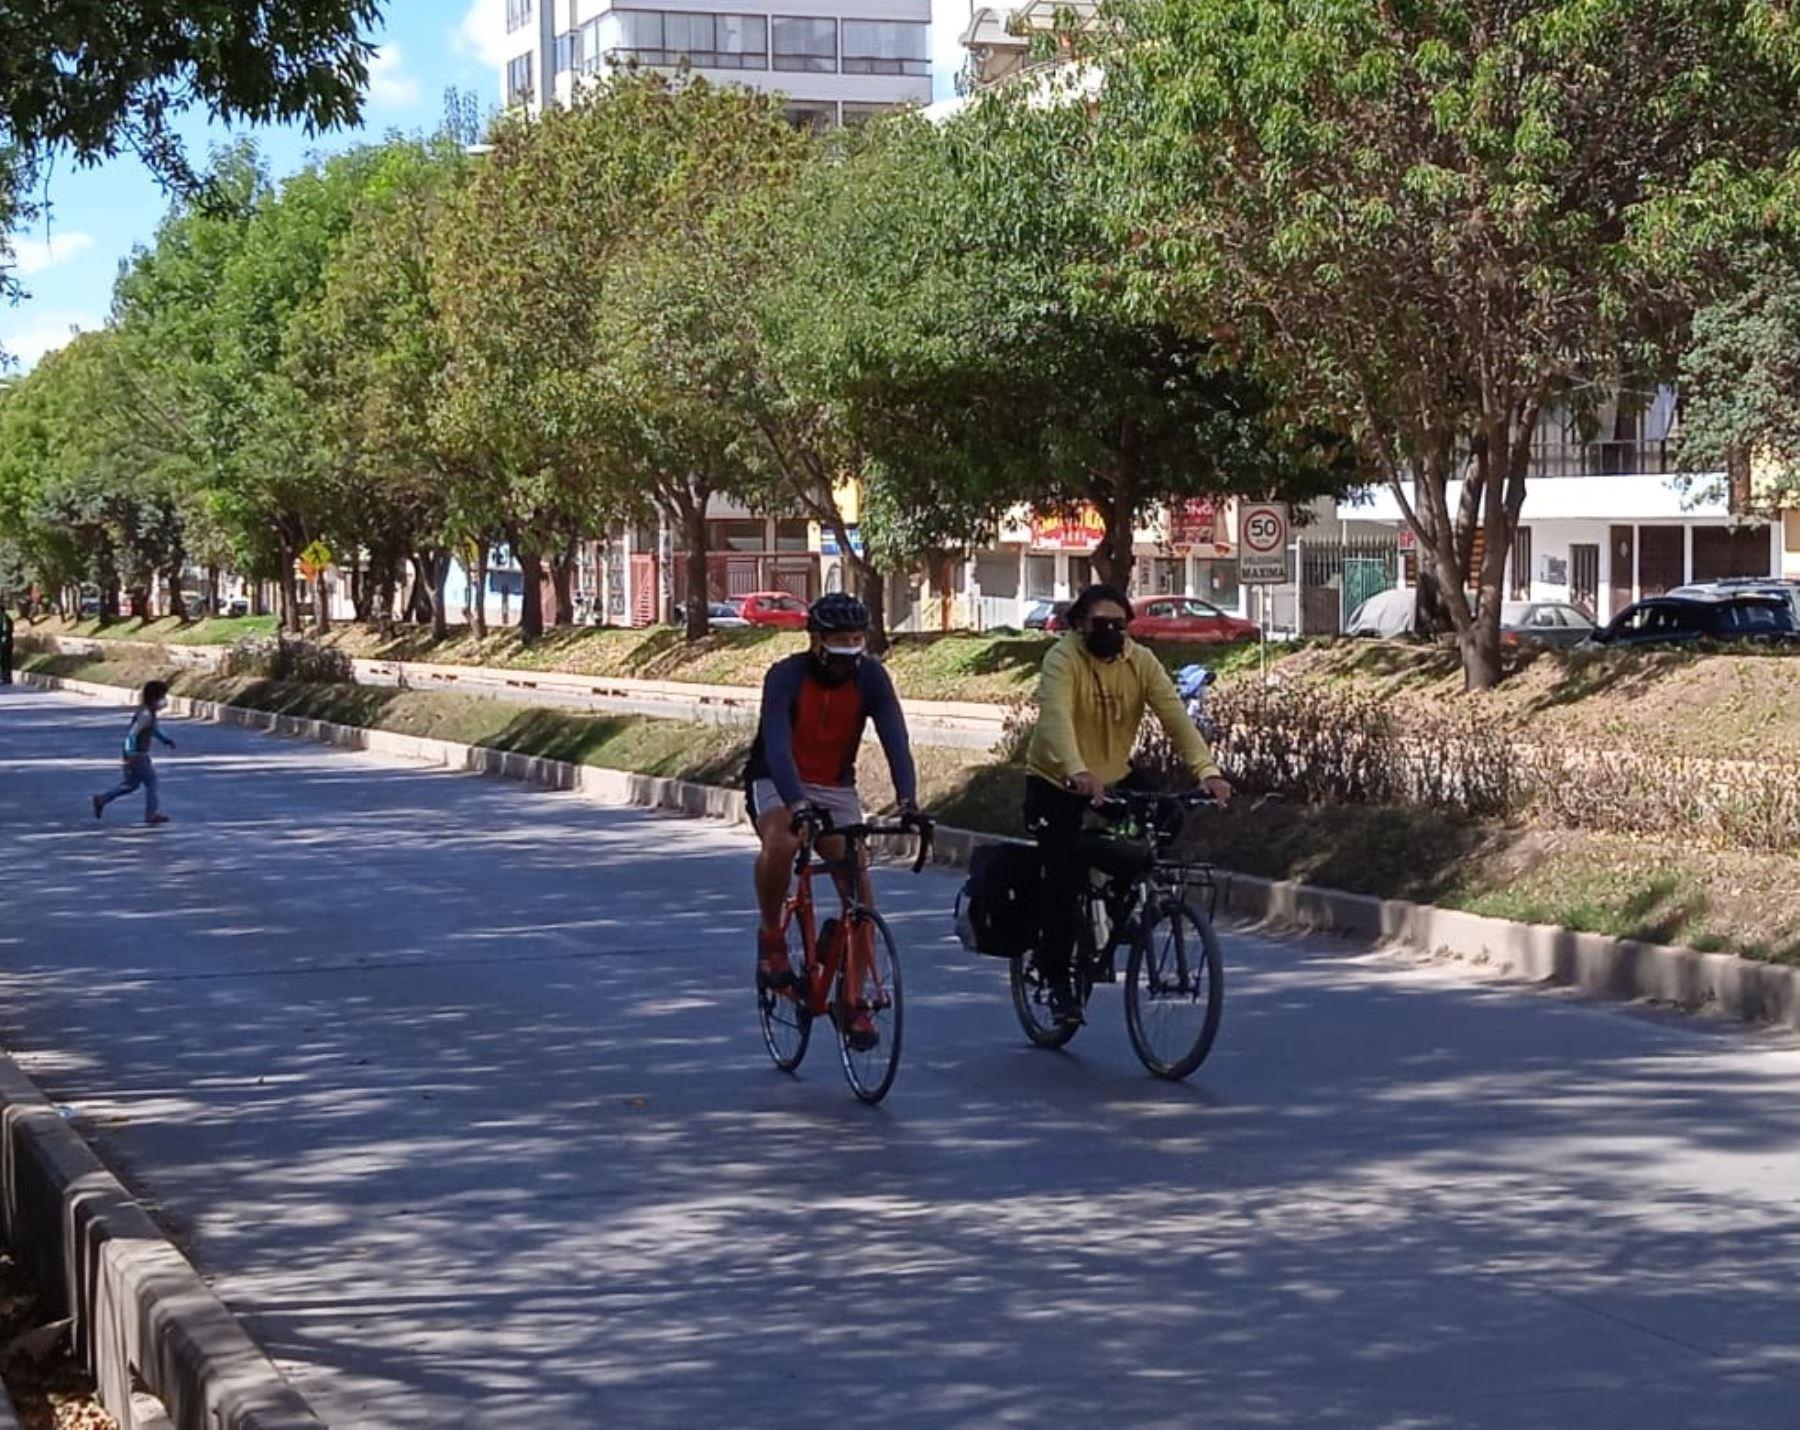 Las municipalidiades de Cusco e Ilo (Moquegua) implementan guías para incentivar actividades deportivas y recreativas en la vía pública, destacó el Ministerio de Vivienda. ANDINA/Difusión